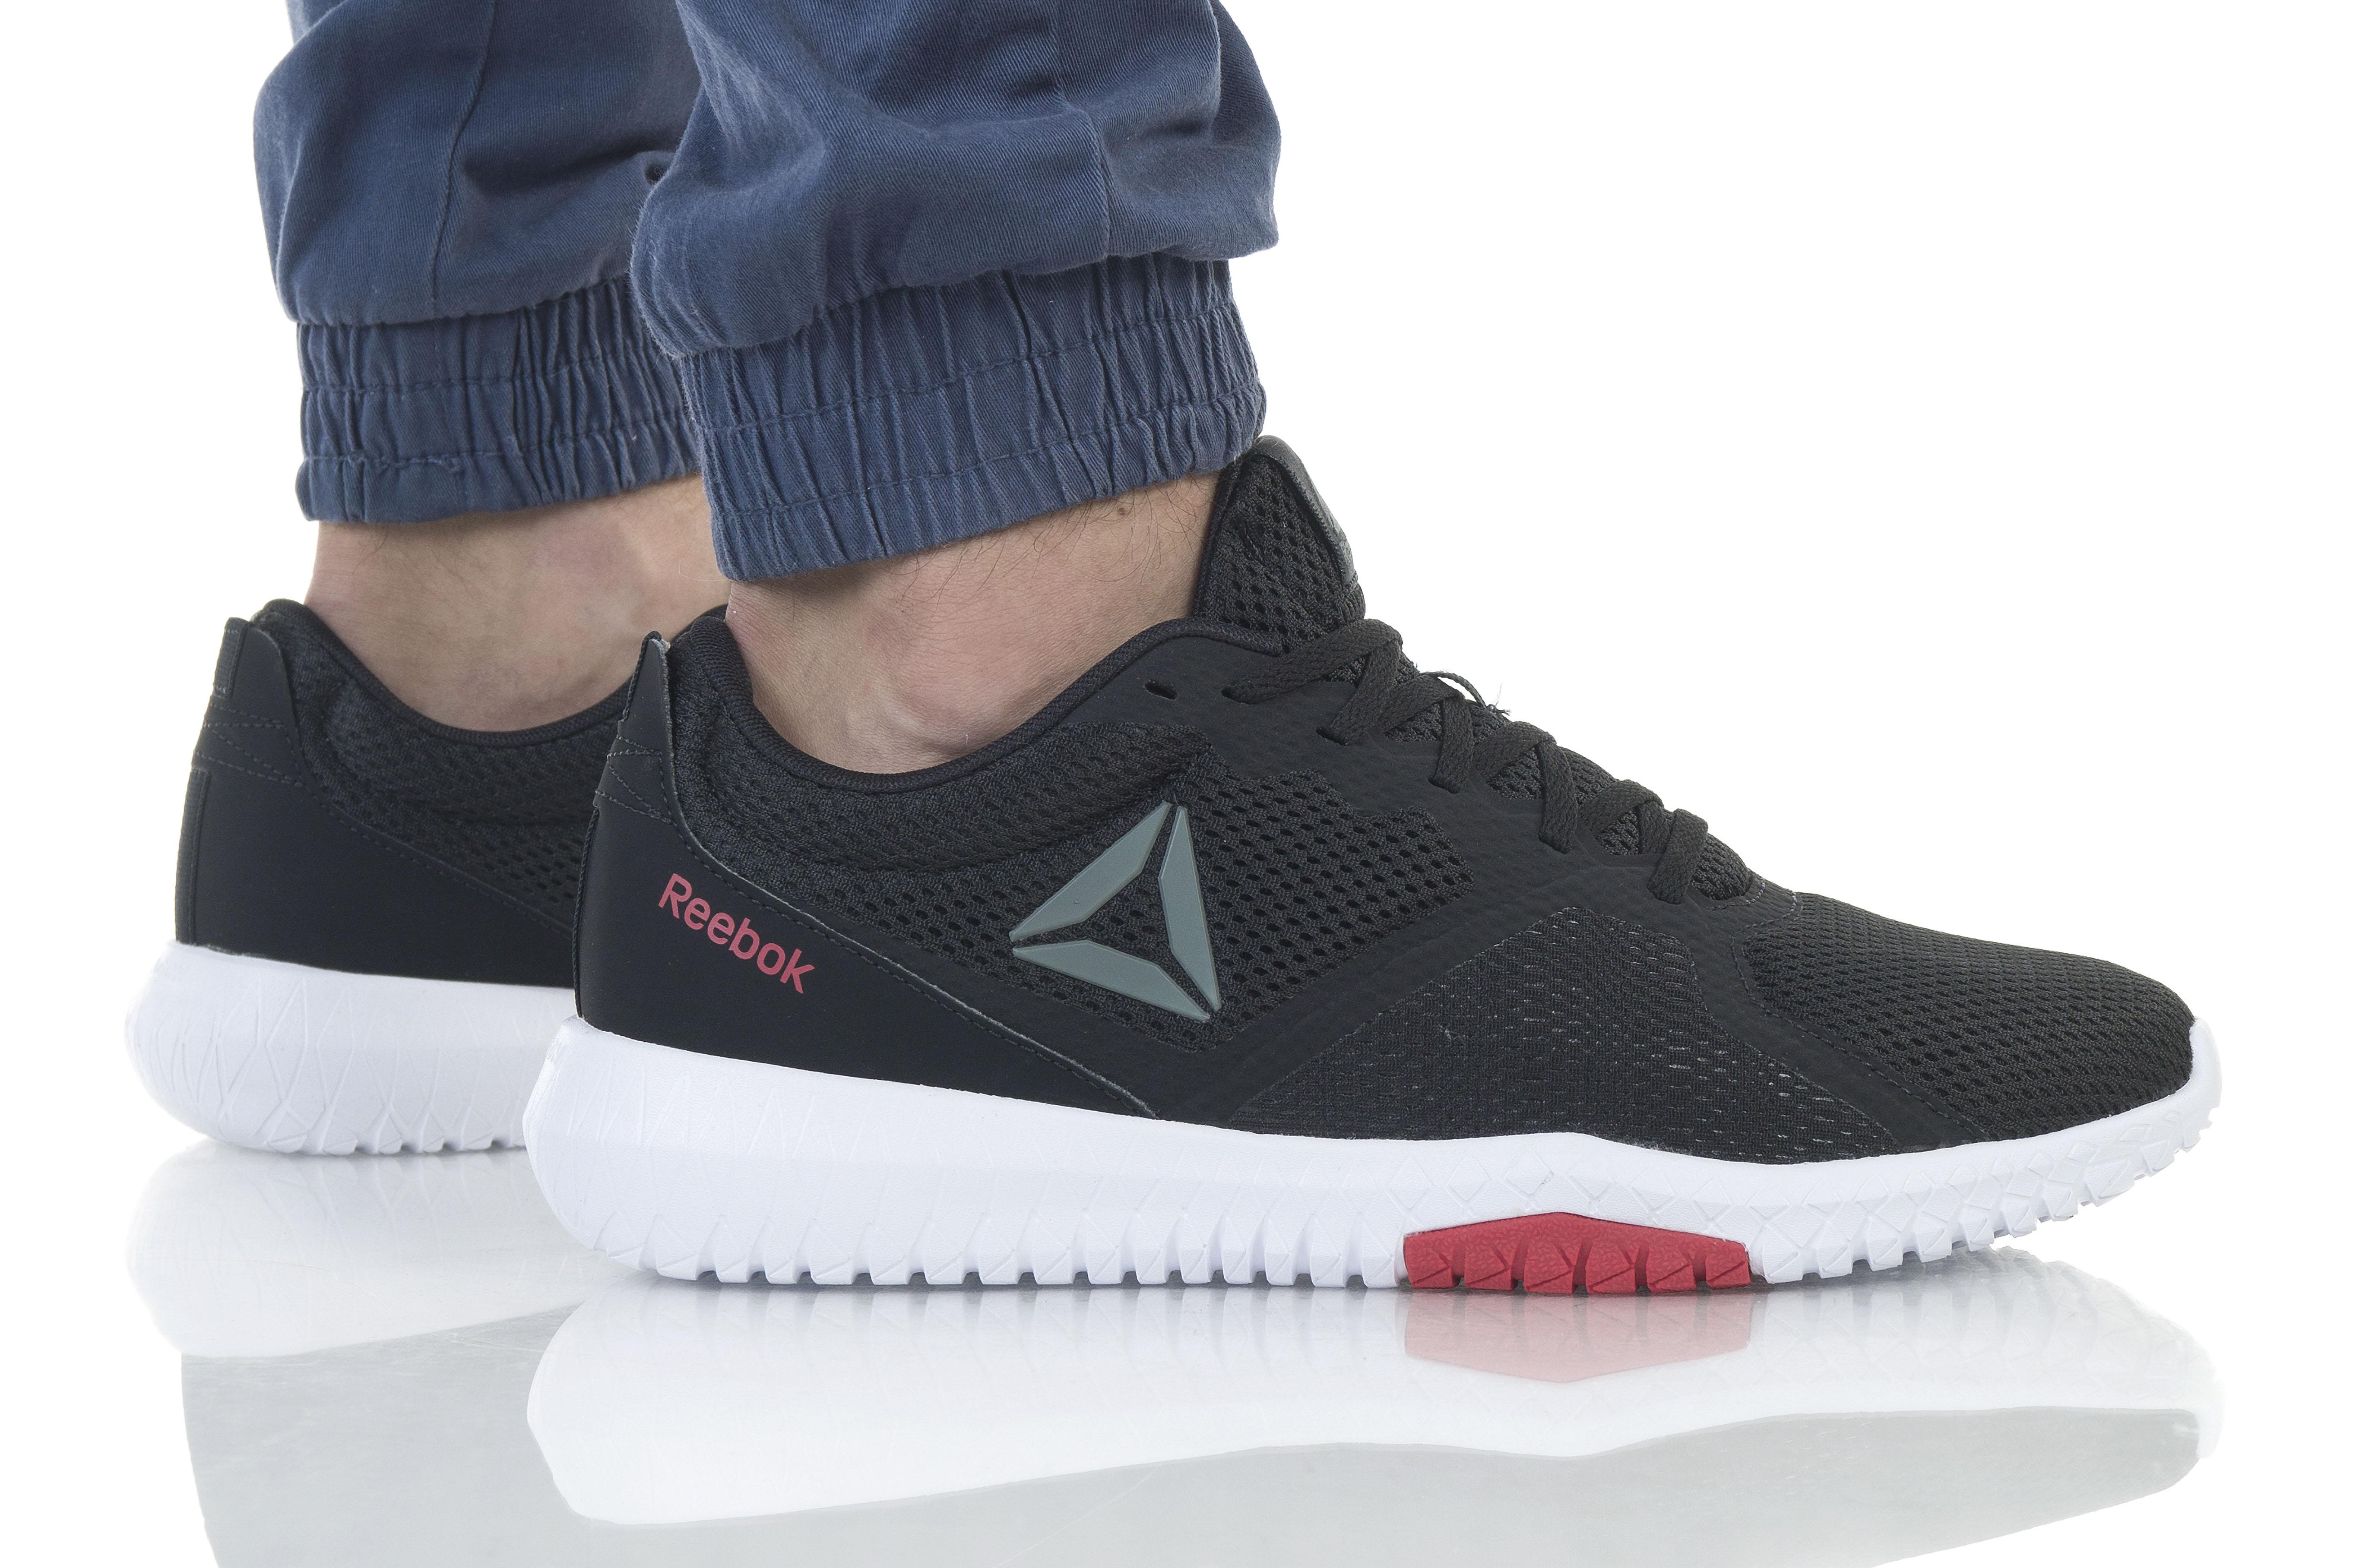 נעליים ריבוק לגברים Reebok Flexagon Force - שחור